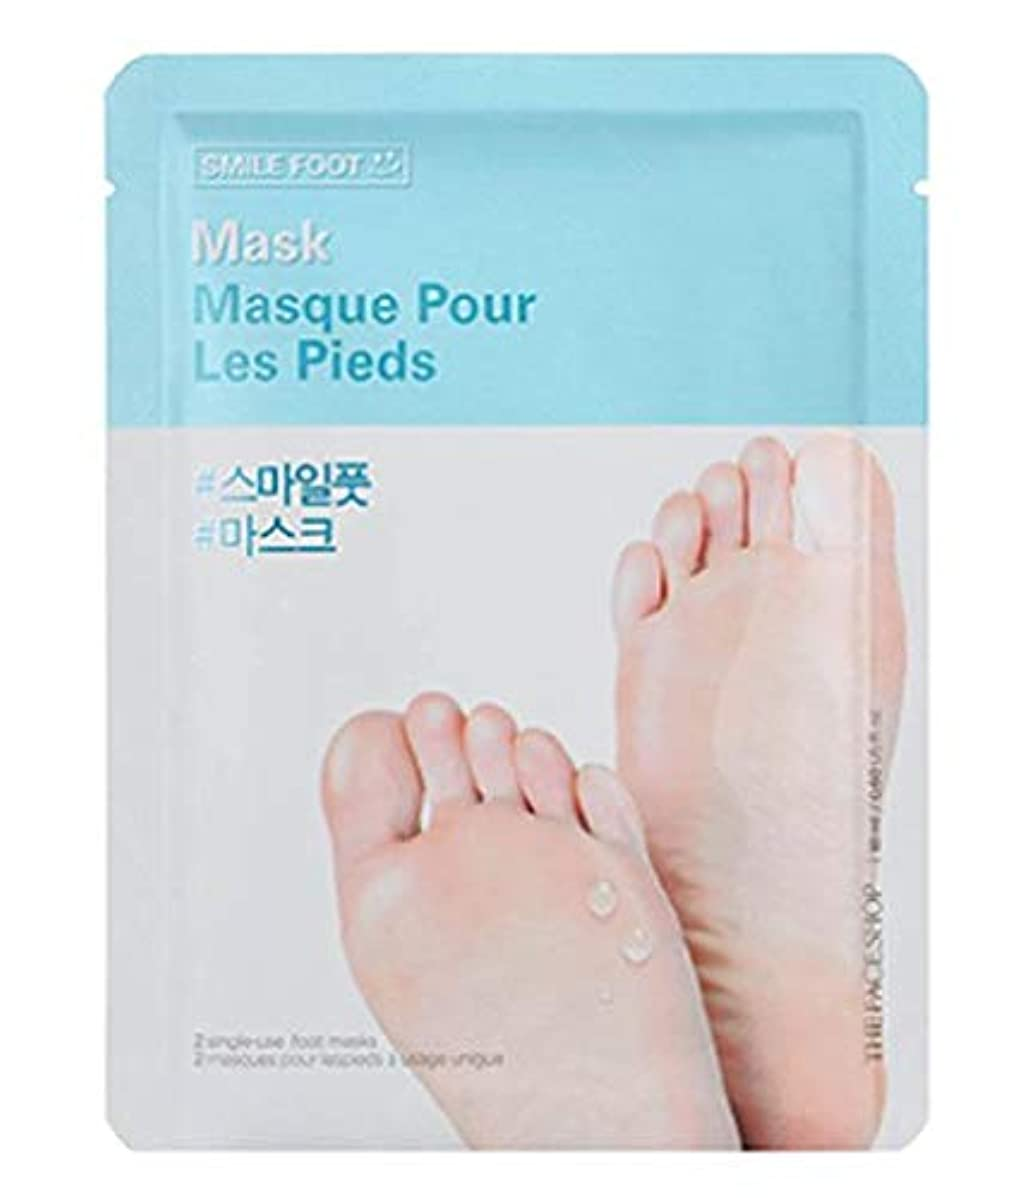 バンジージャンプ家主推論THE FACE SHOP Smile Foot Mask 3p ザフェイスショップ スマイル フットマスク 3枚 [並行輸入品]